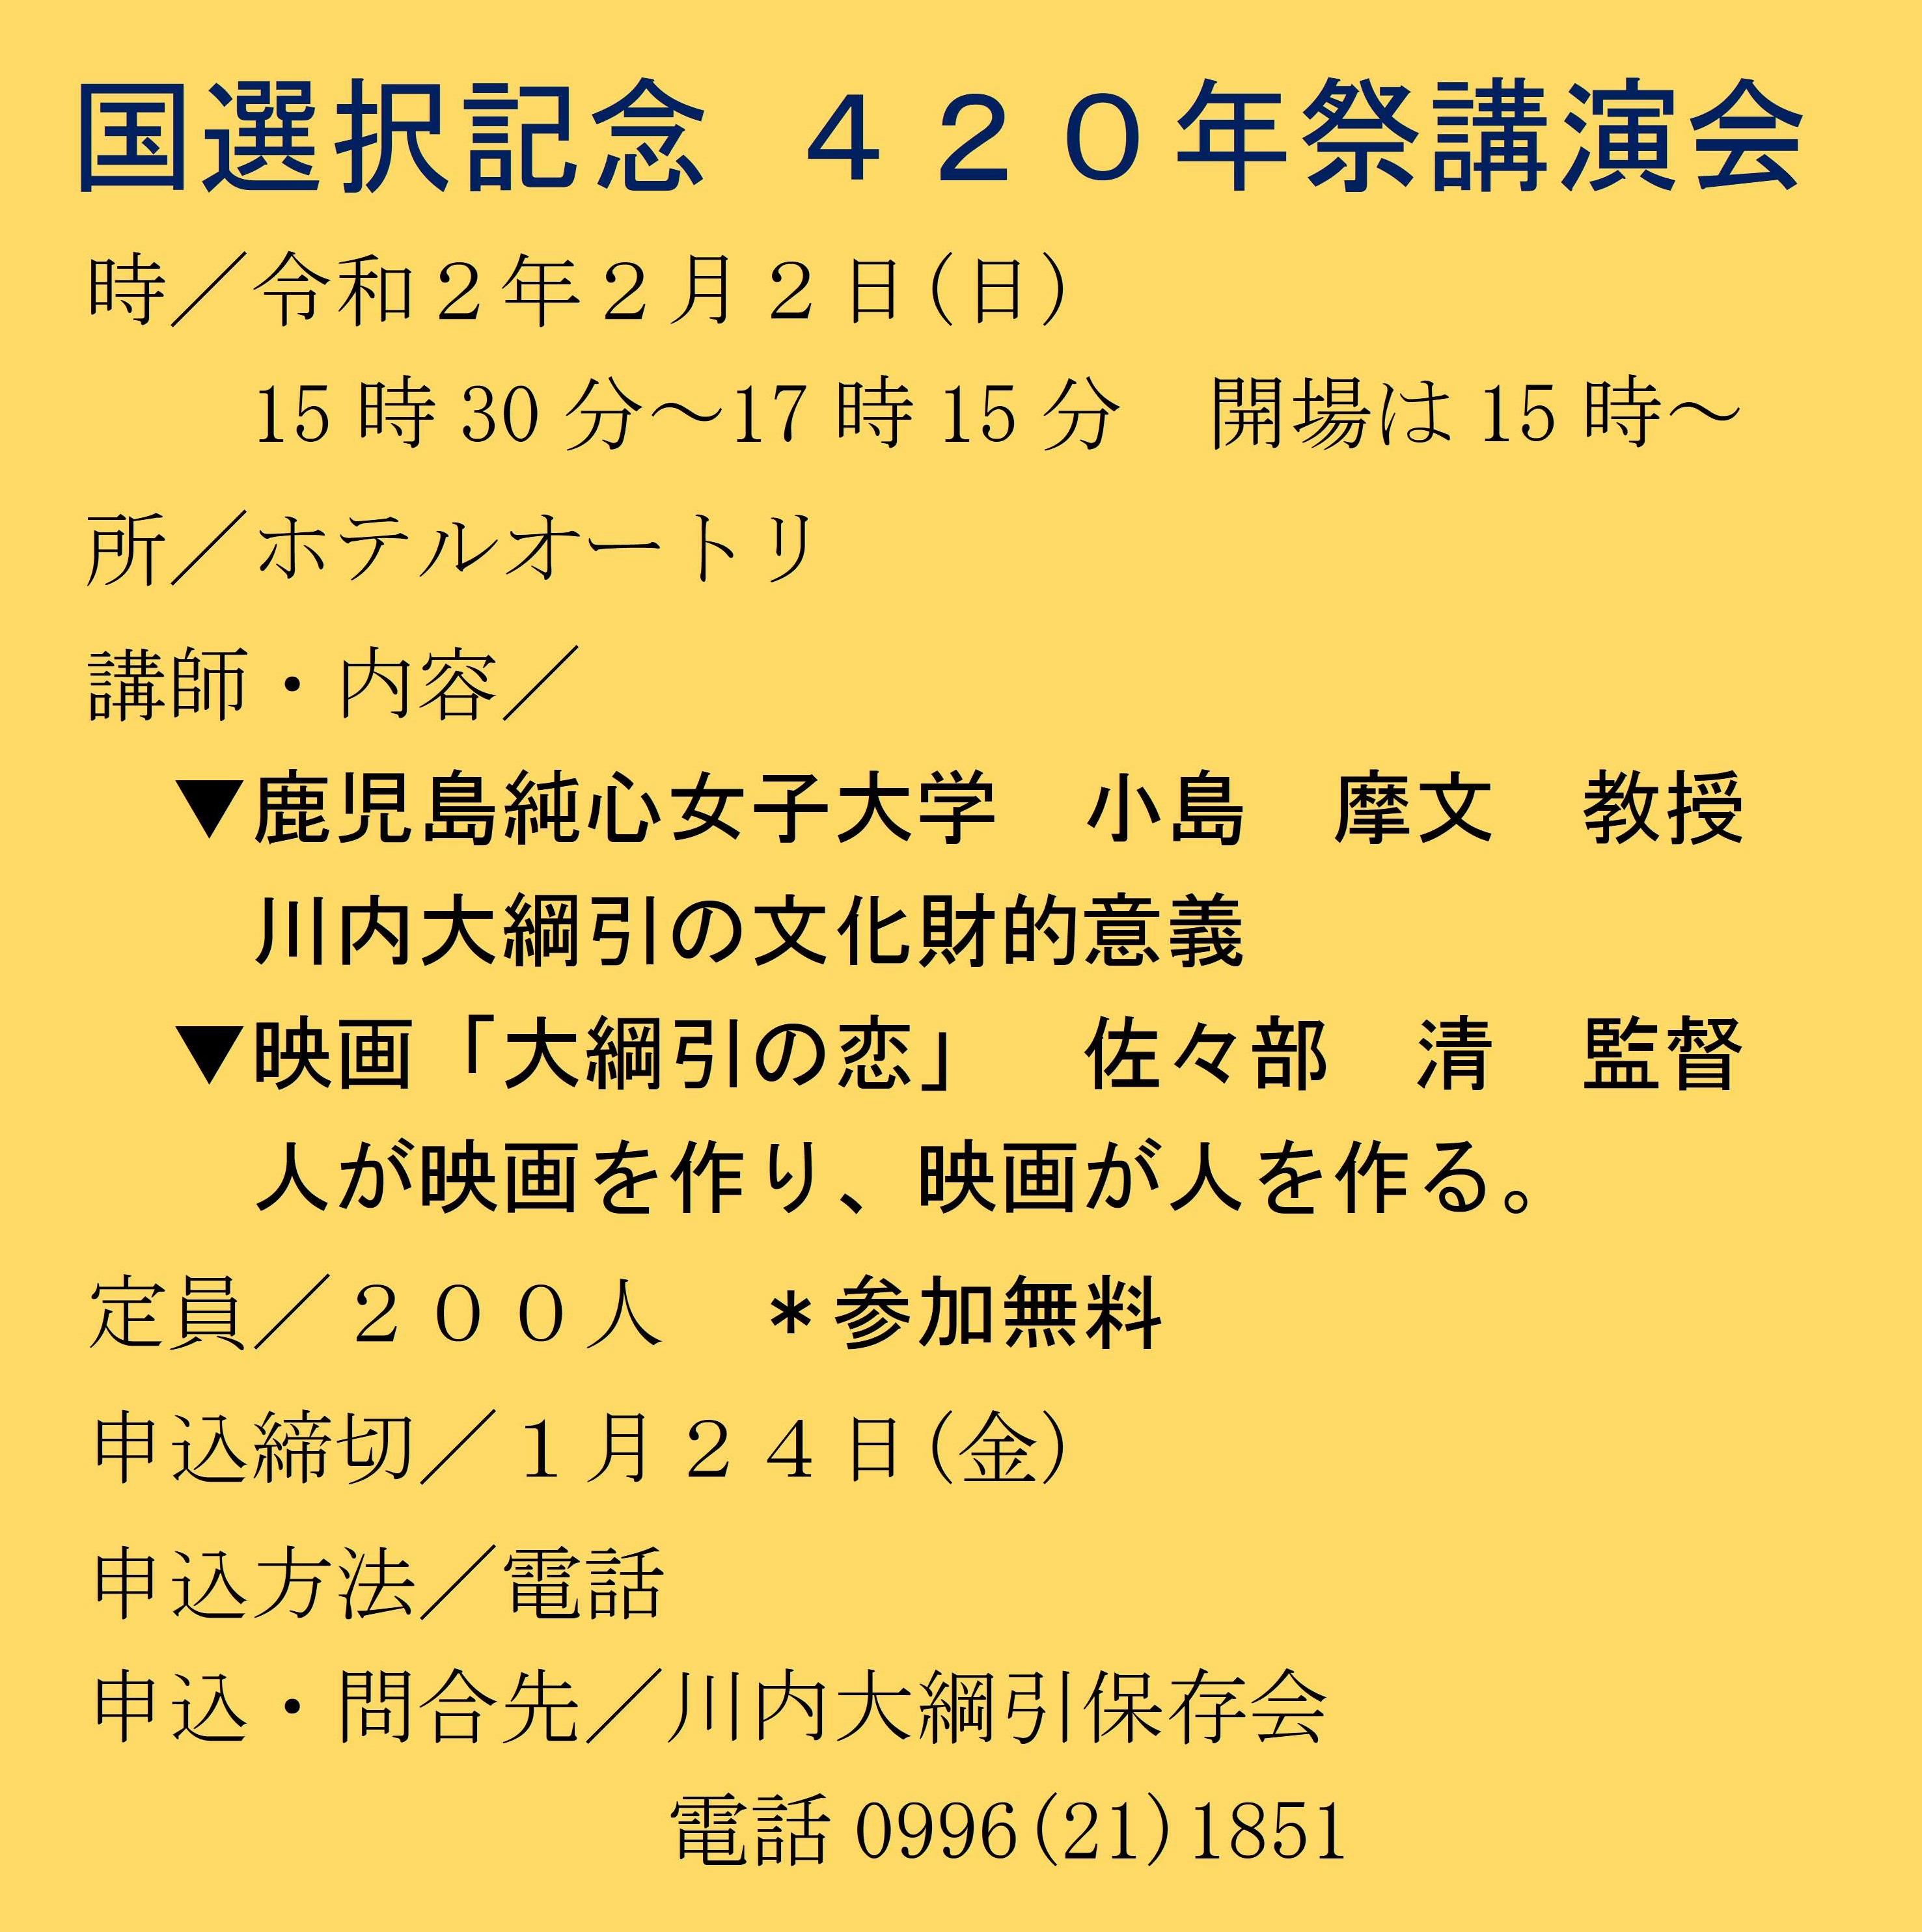 国選択記念 420年祭 講演会